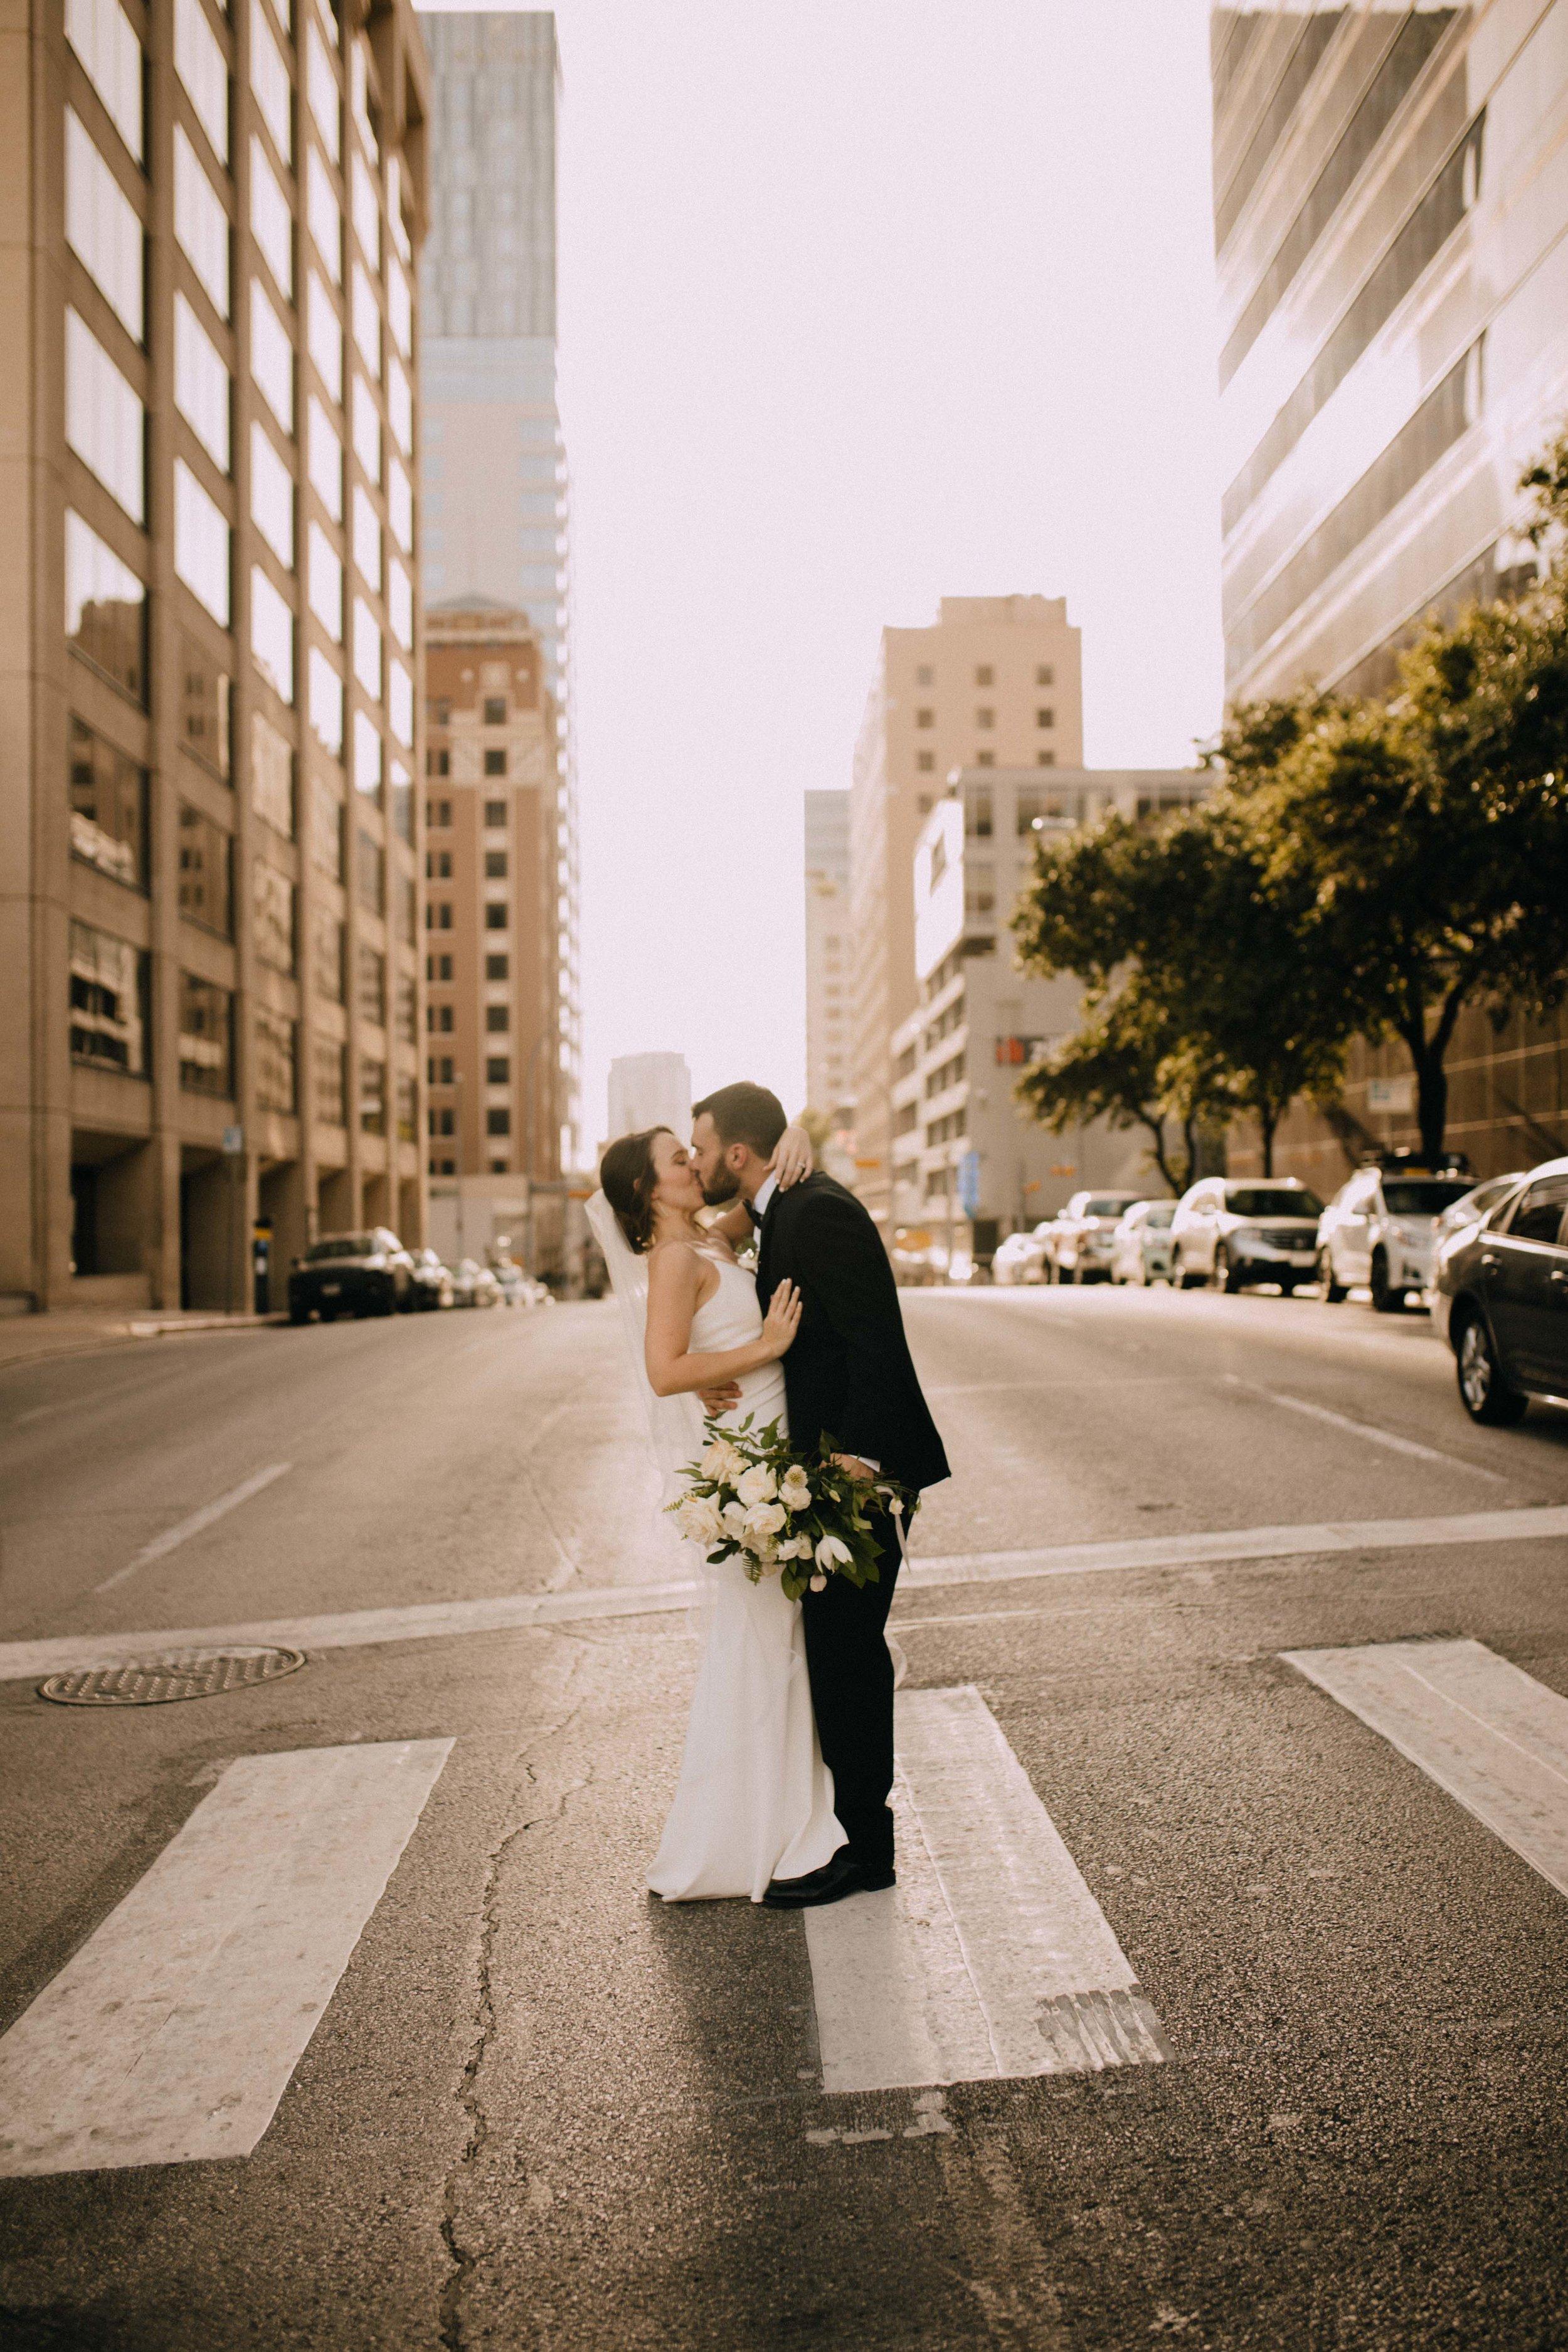 kacey sam wedding 5322.jpg